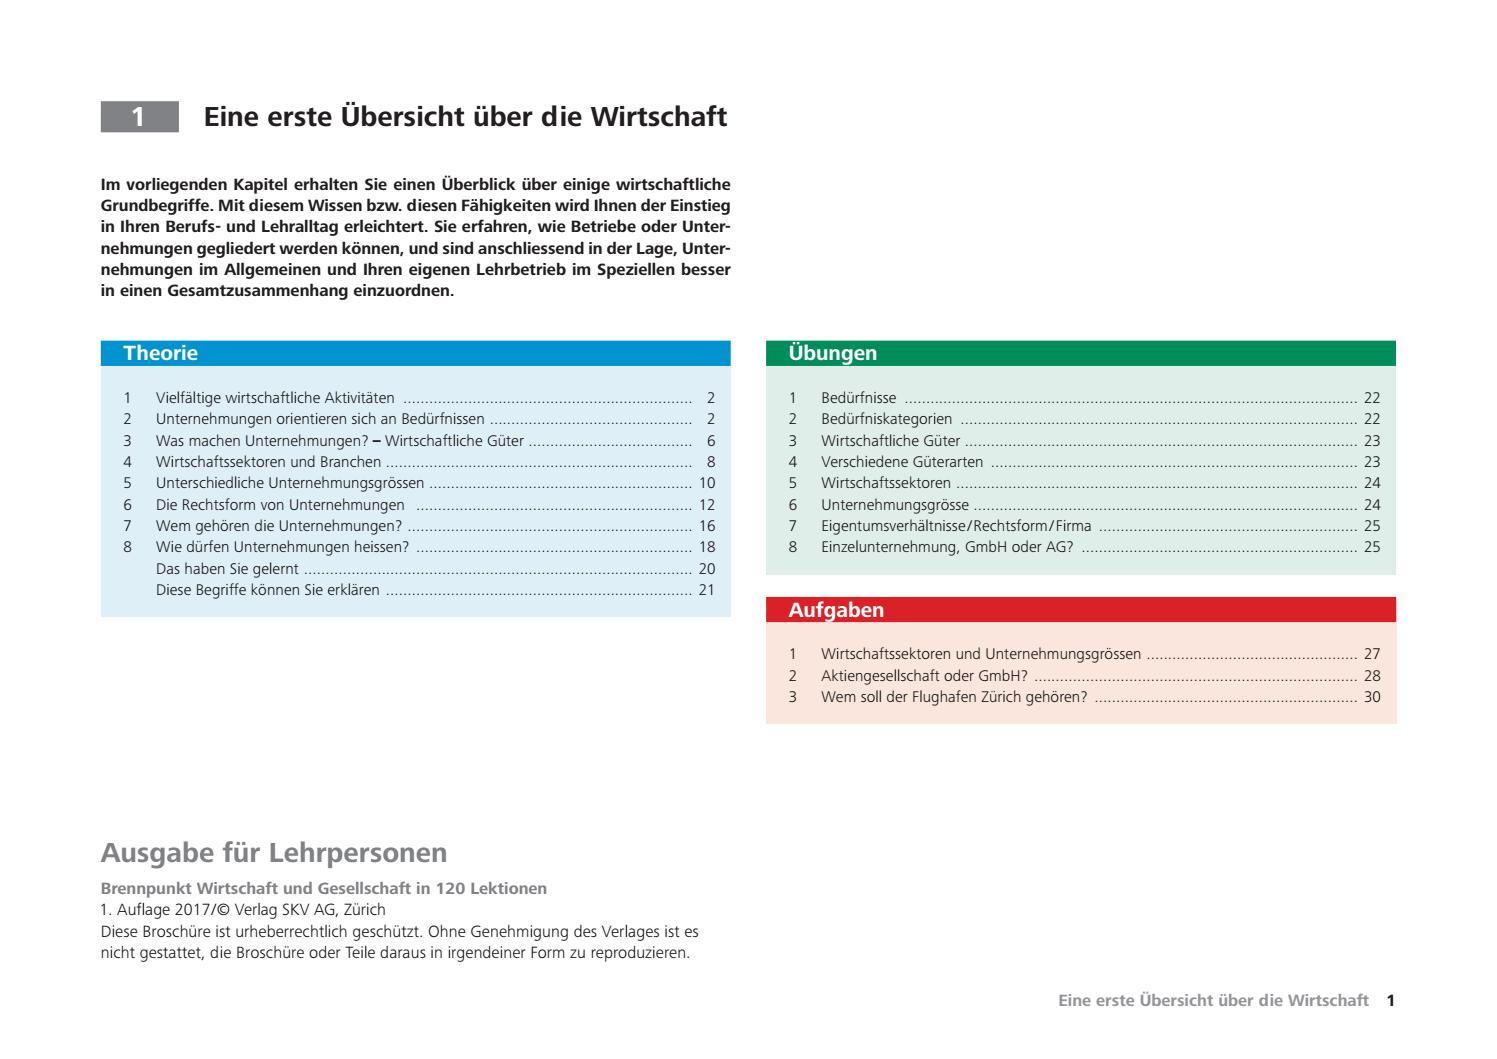 1 erste uebersicht 120 lektionen lp 1a 2017 low by str teachware issuu - Sachguter Beispiele